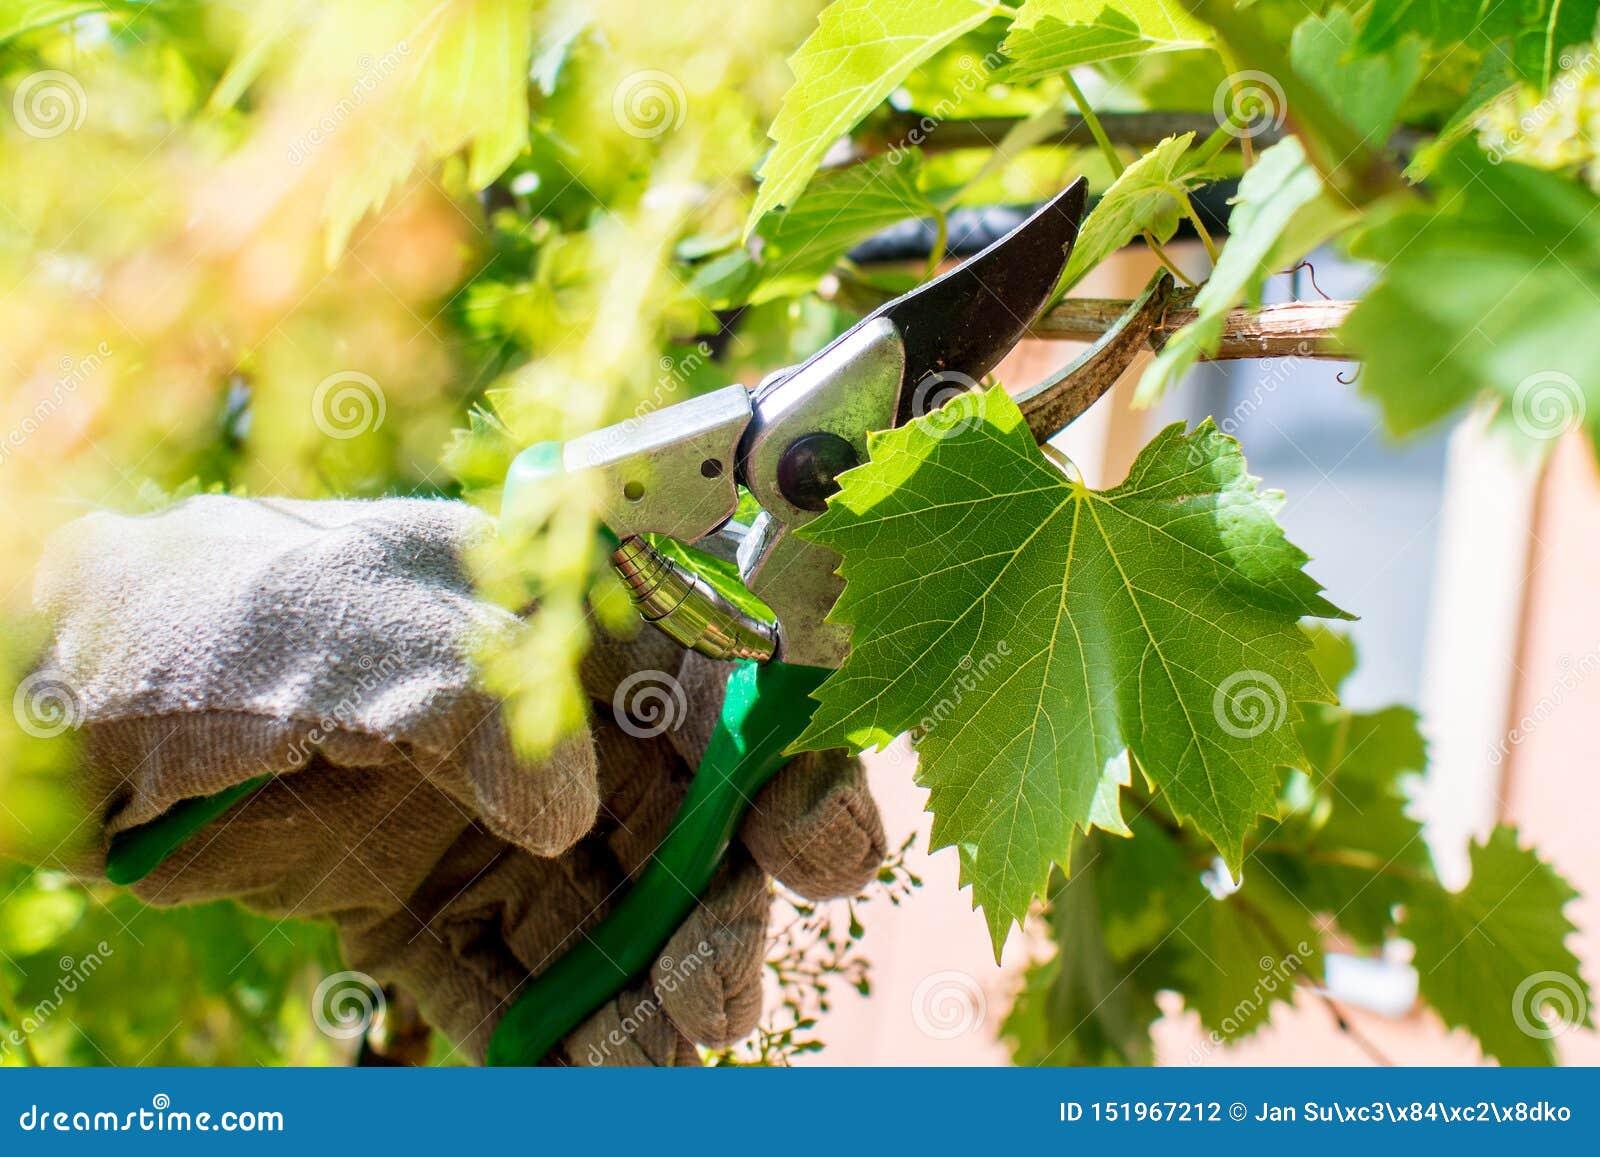 Trabajando en jardín, corte de la uva de la vid